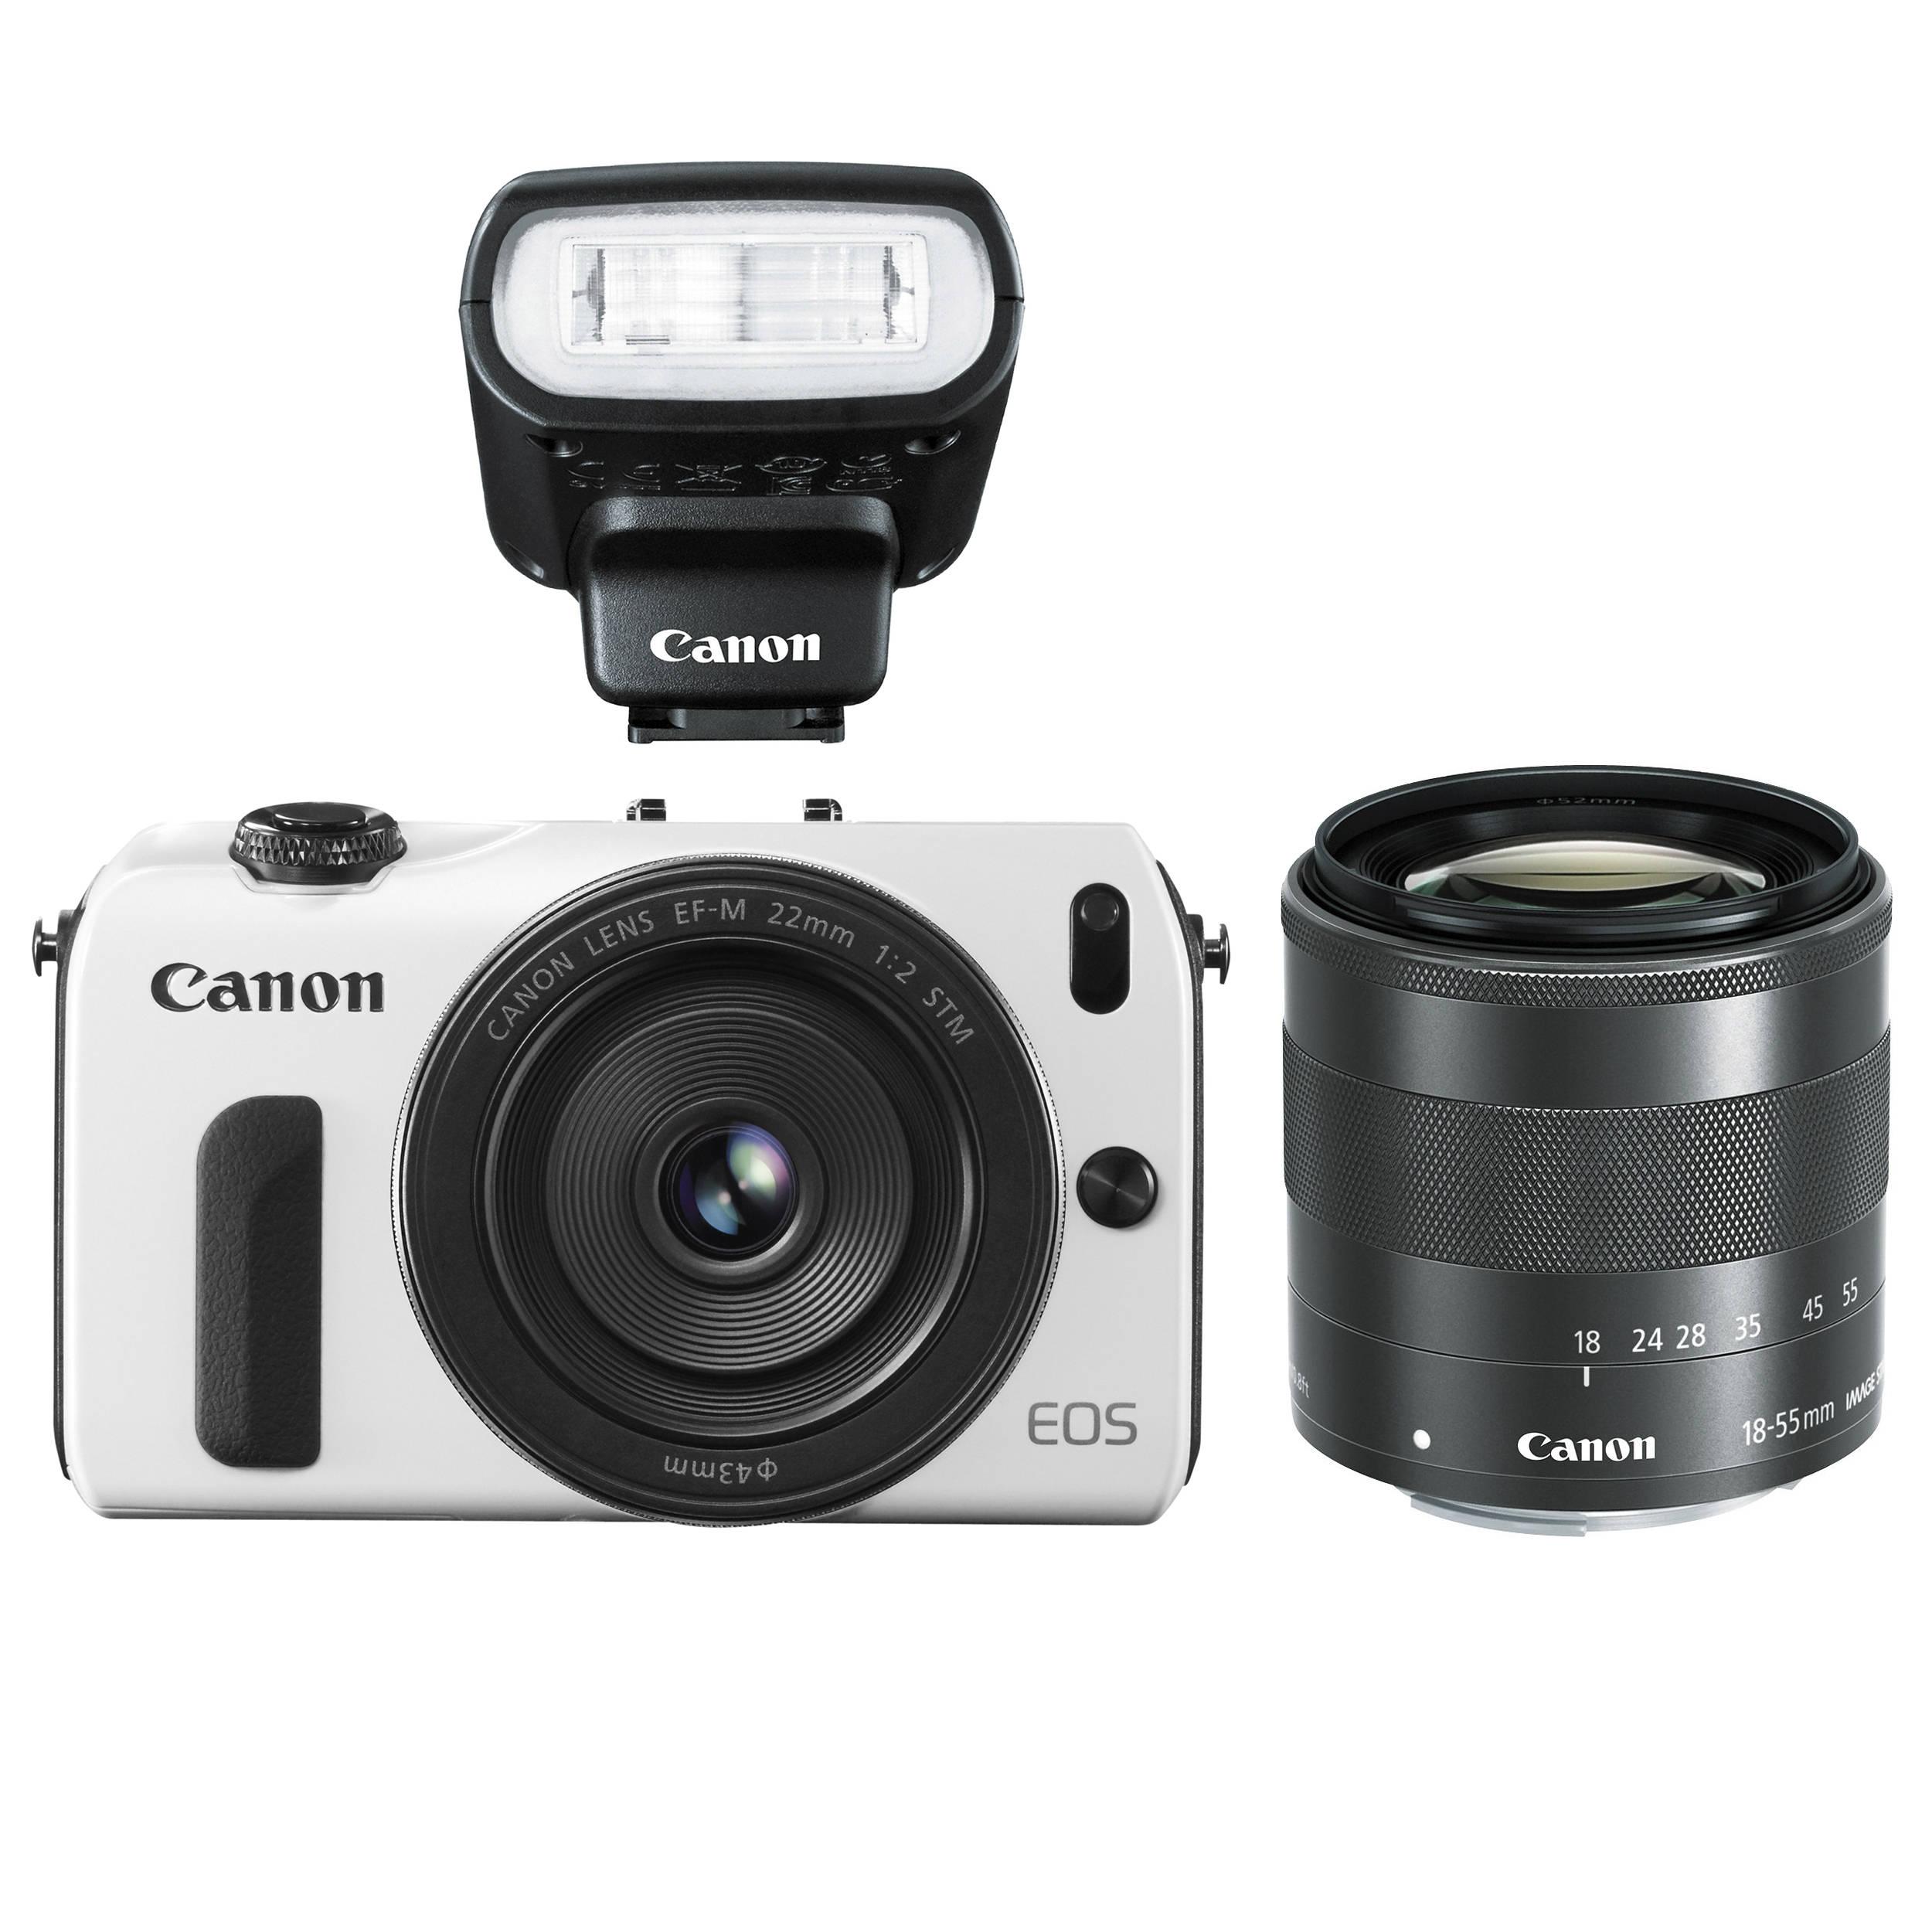 EOS Interchangeable Lens Cameras - shop.usa.canon.com